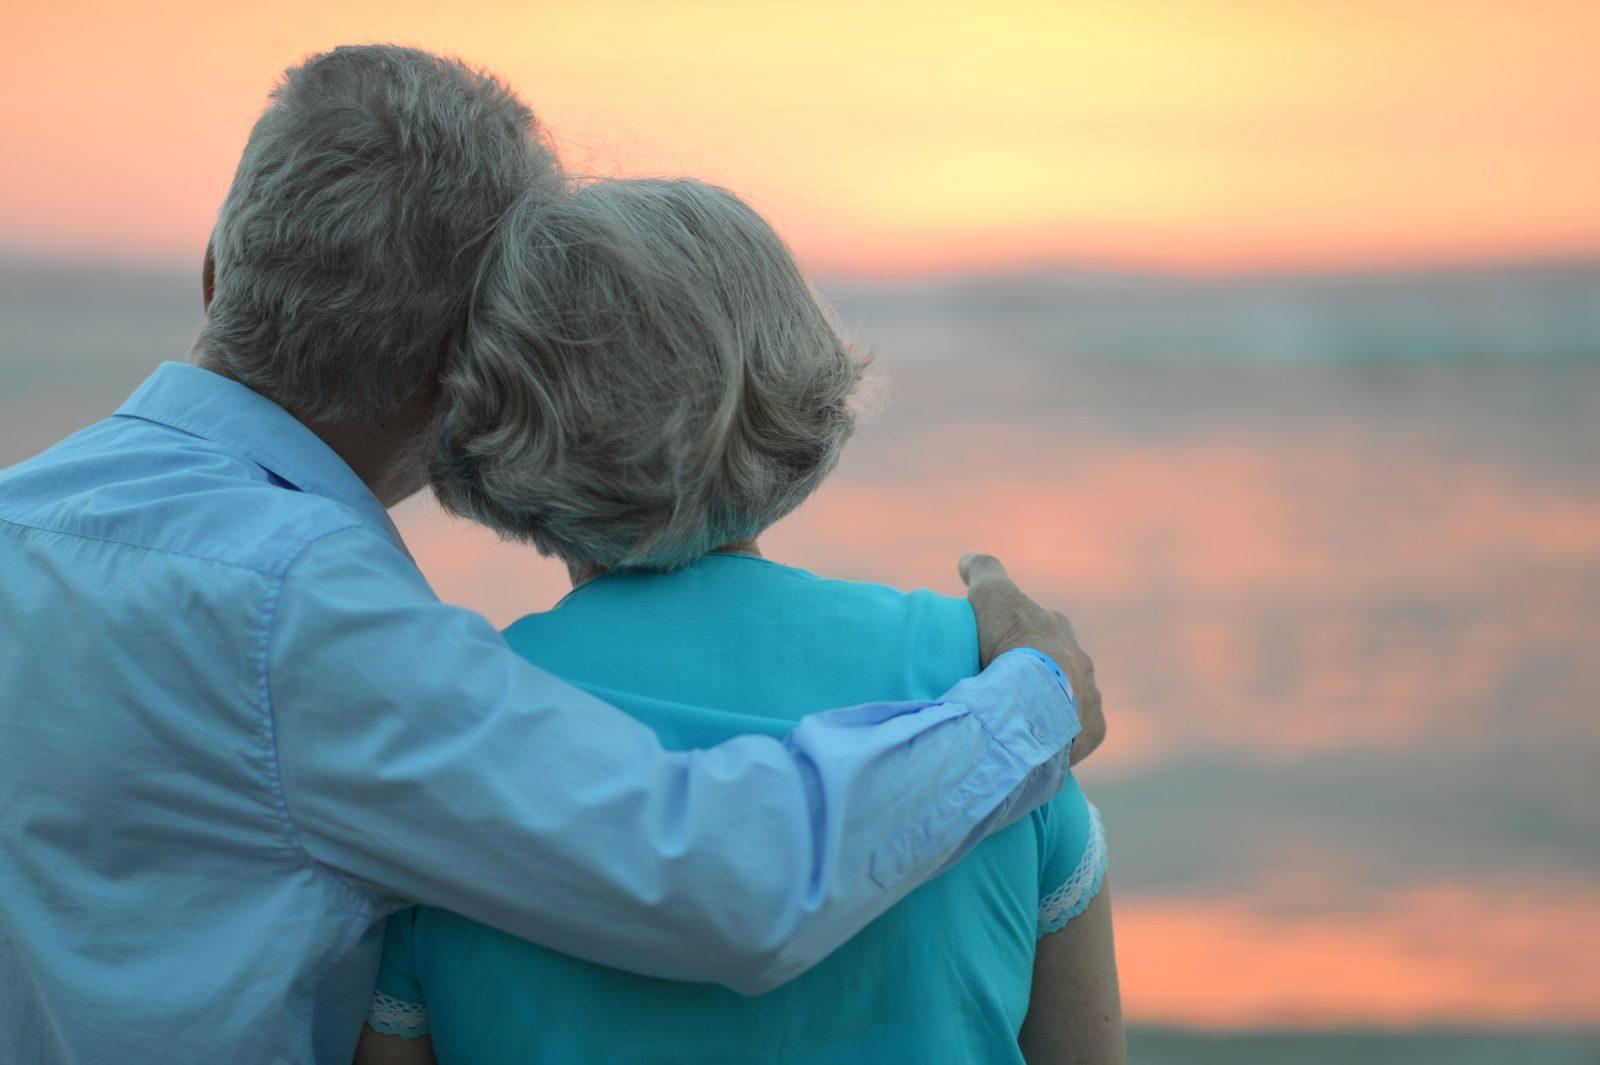 Les Québécois prennent leur retraite plus tardivement qu'il y a 10 ans